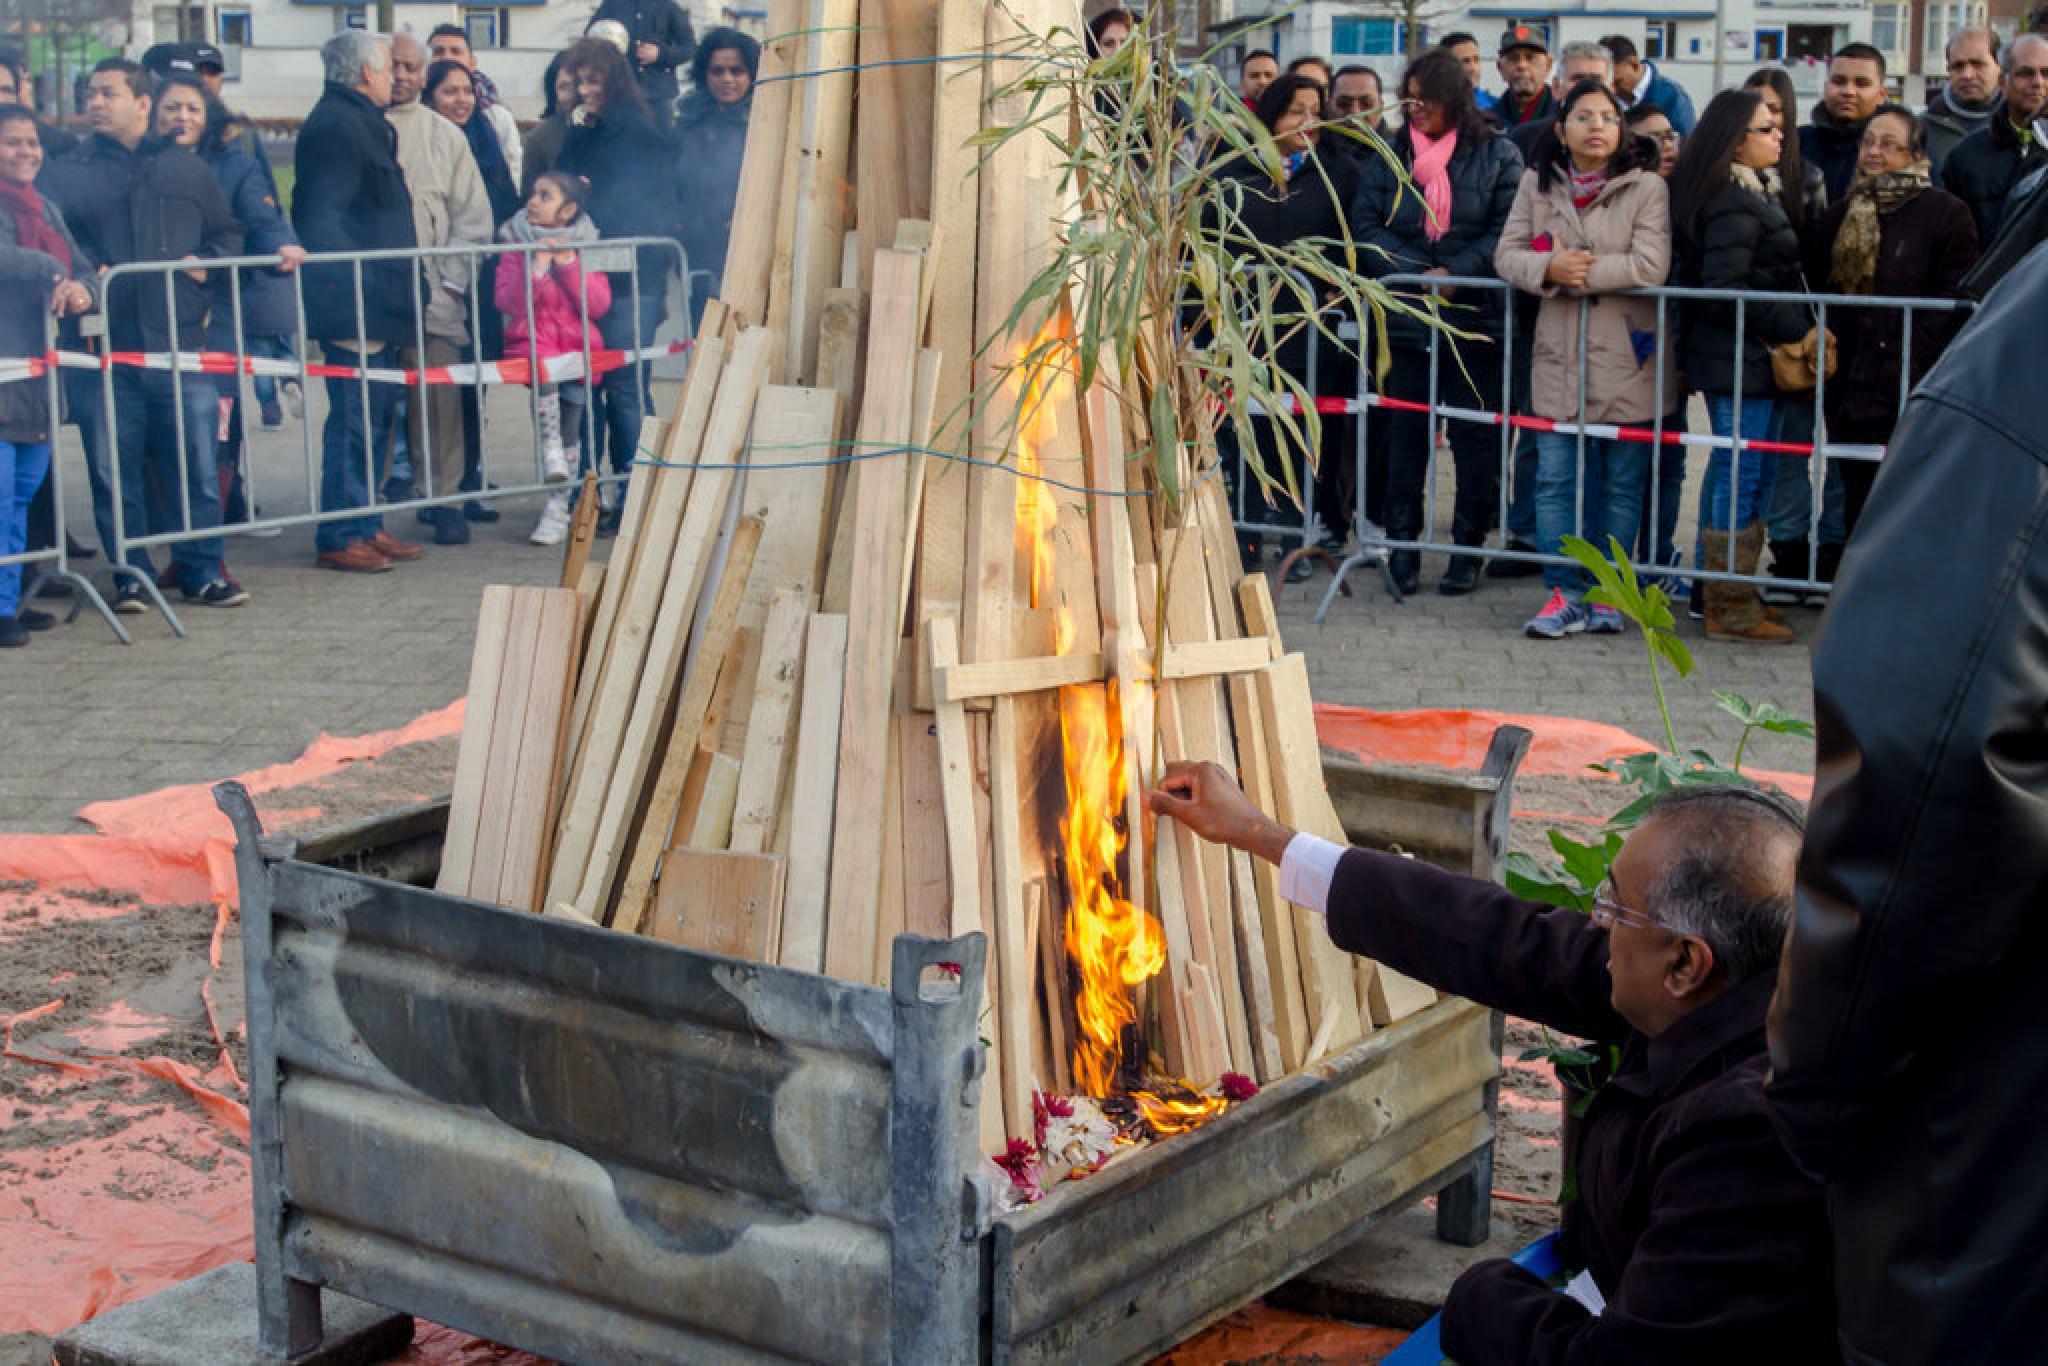 Holi Dahan viering in Den Haag  by ricsas90